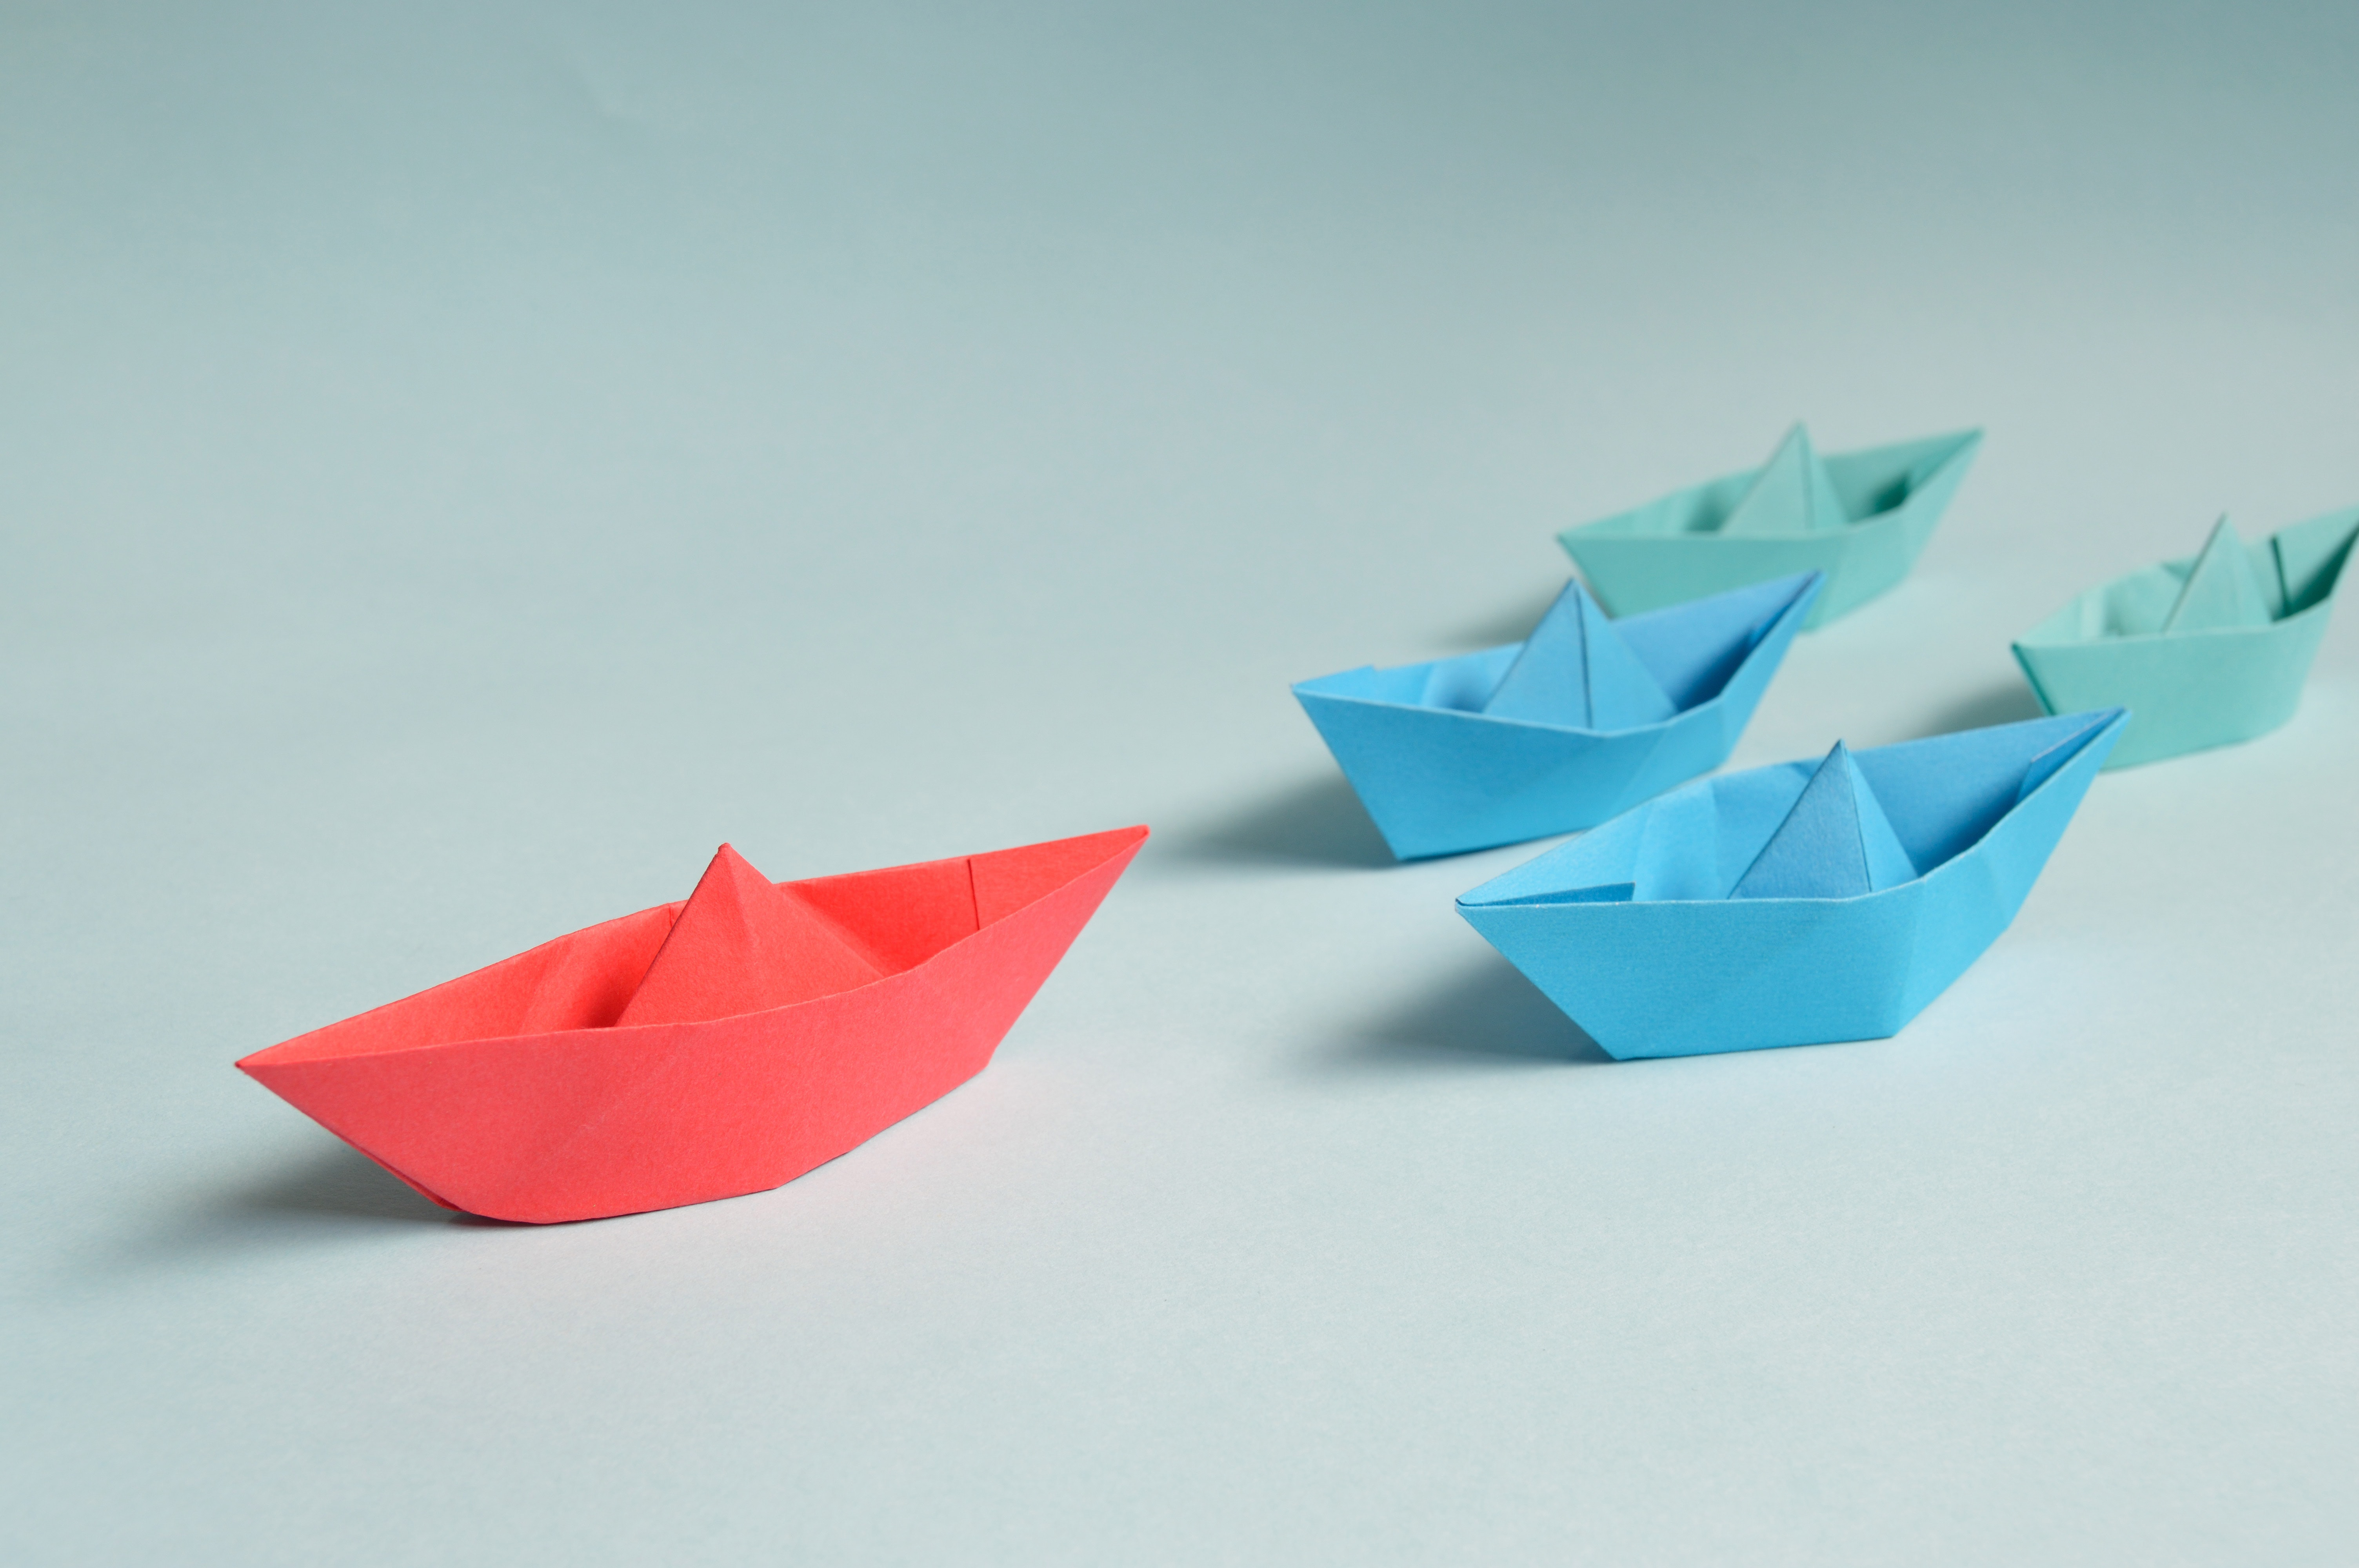 Tipo de liderança: pelo exemplo